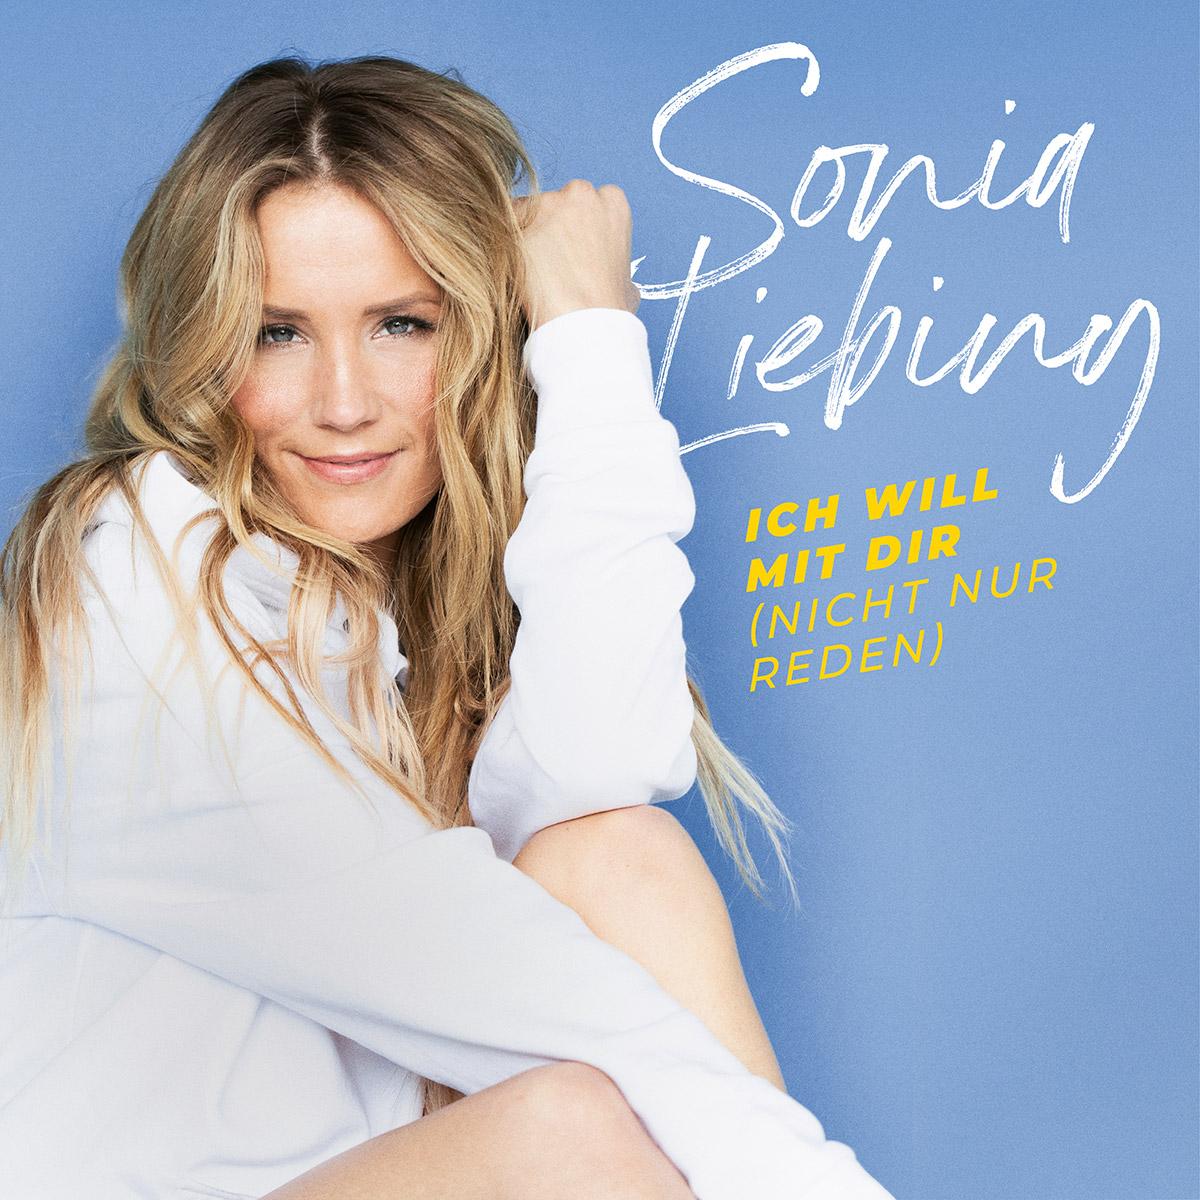 Sonia Liebing - Ich will mit Dir (nicht nur reden)